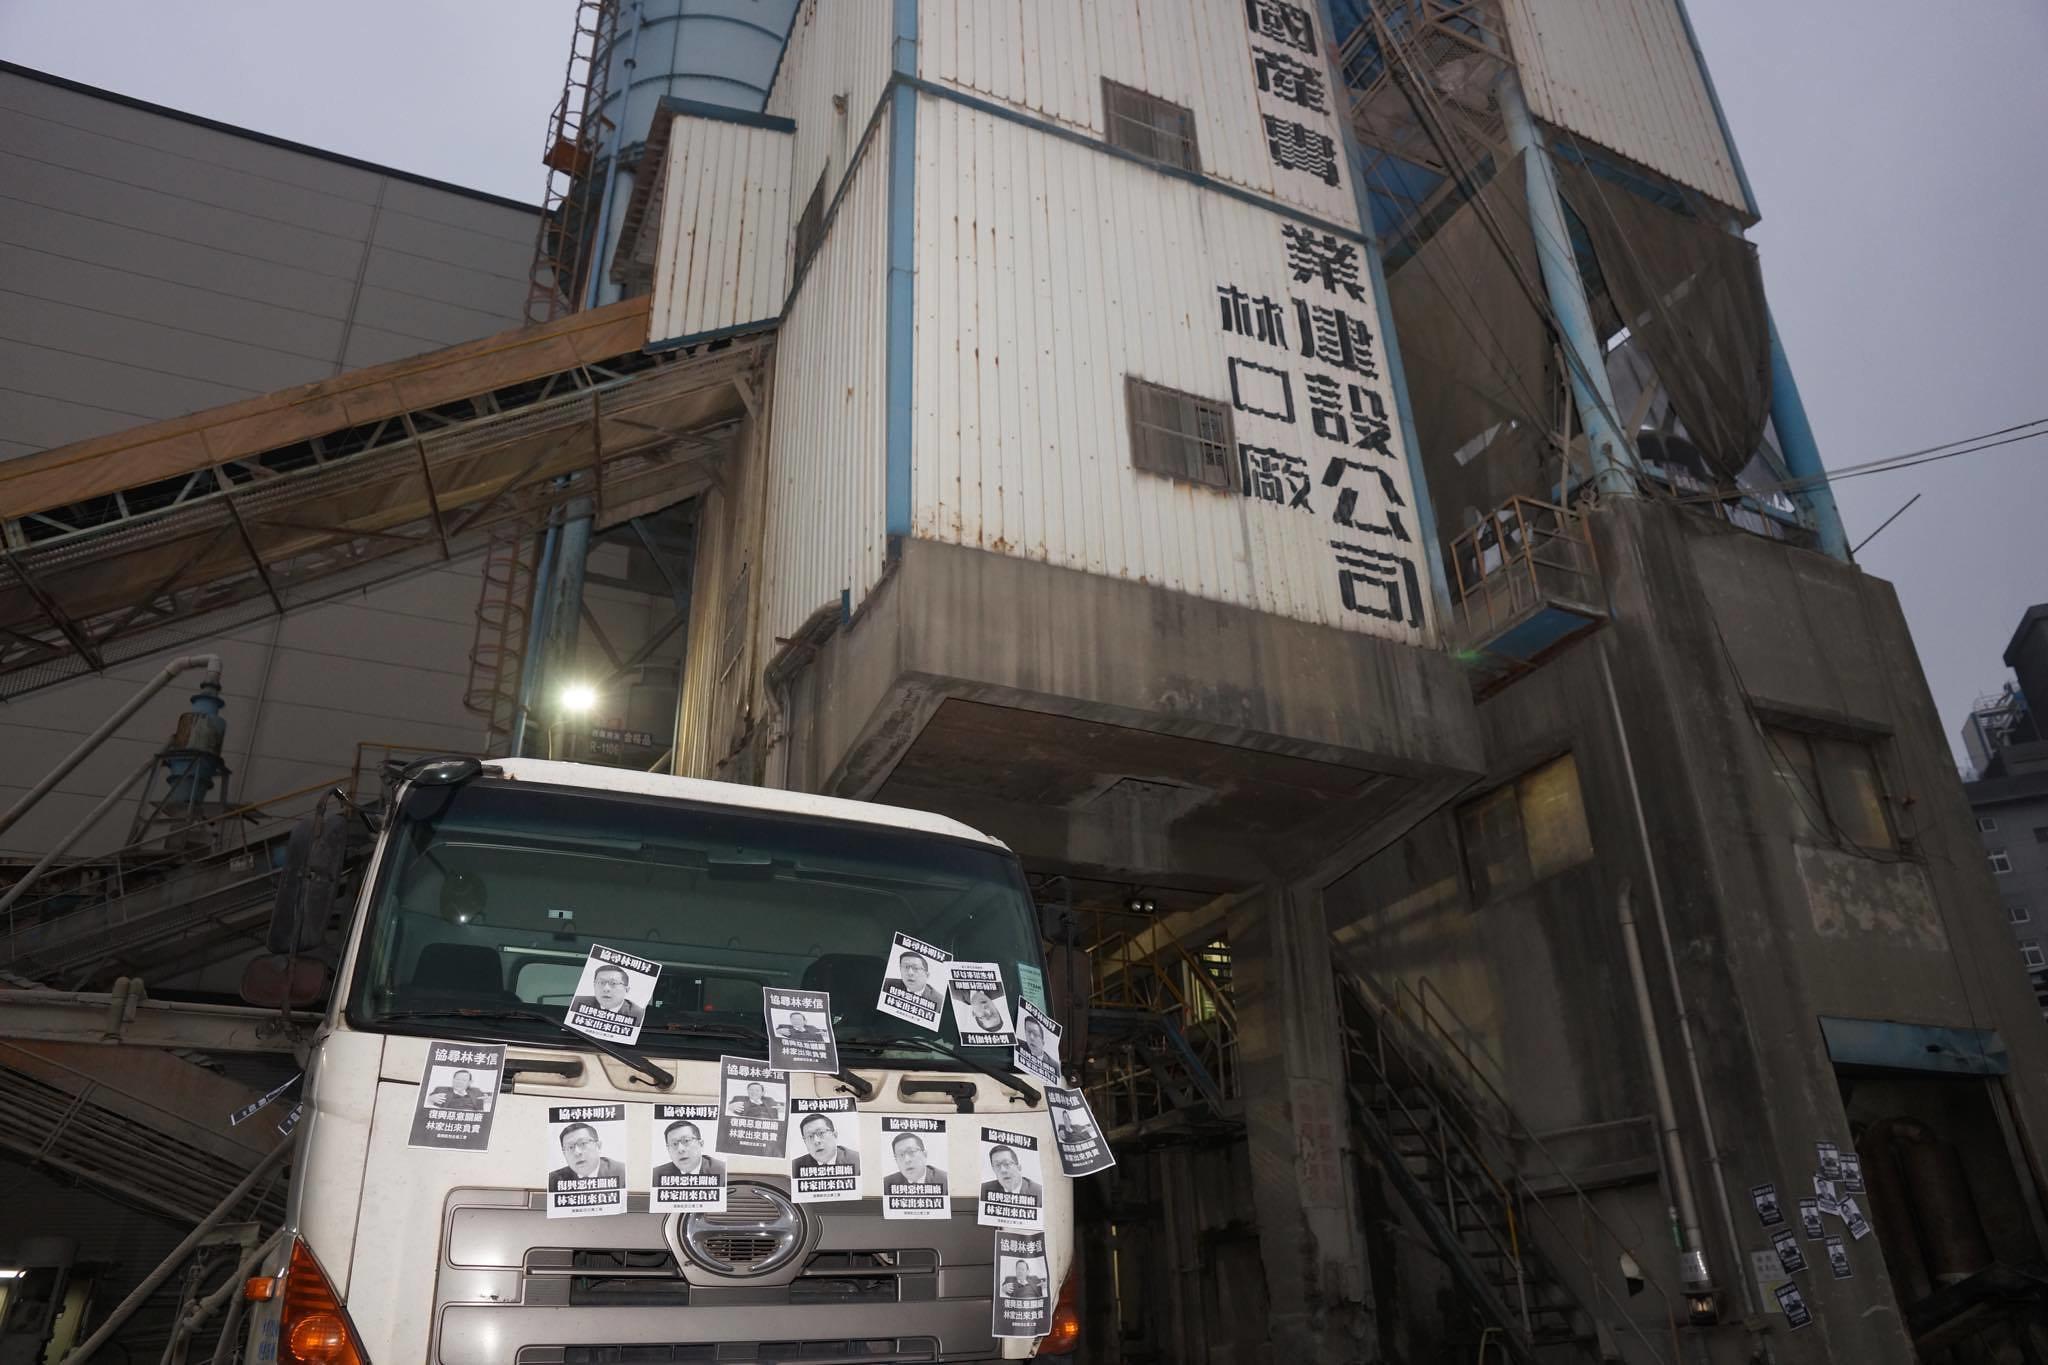 廠內車輛被貼上標語。(攝影:王顥中)